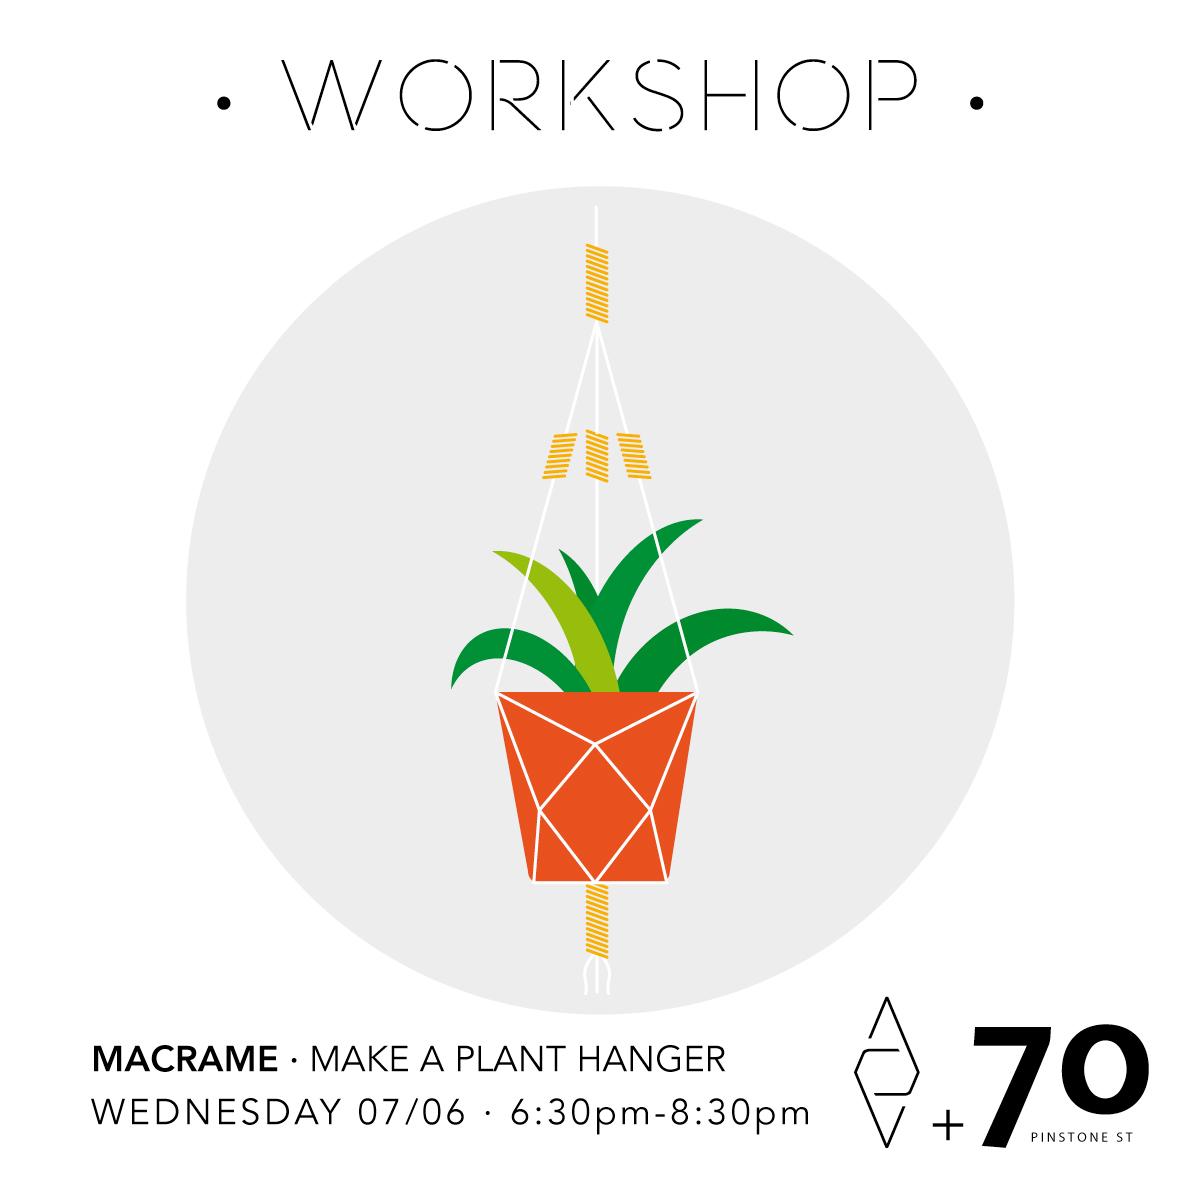 planthanger-workshop4.jpg